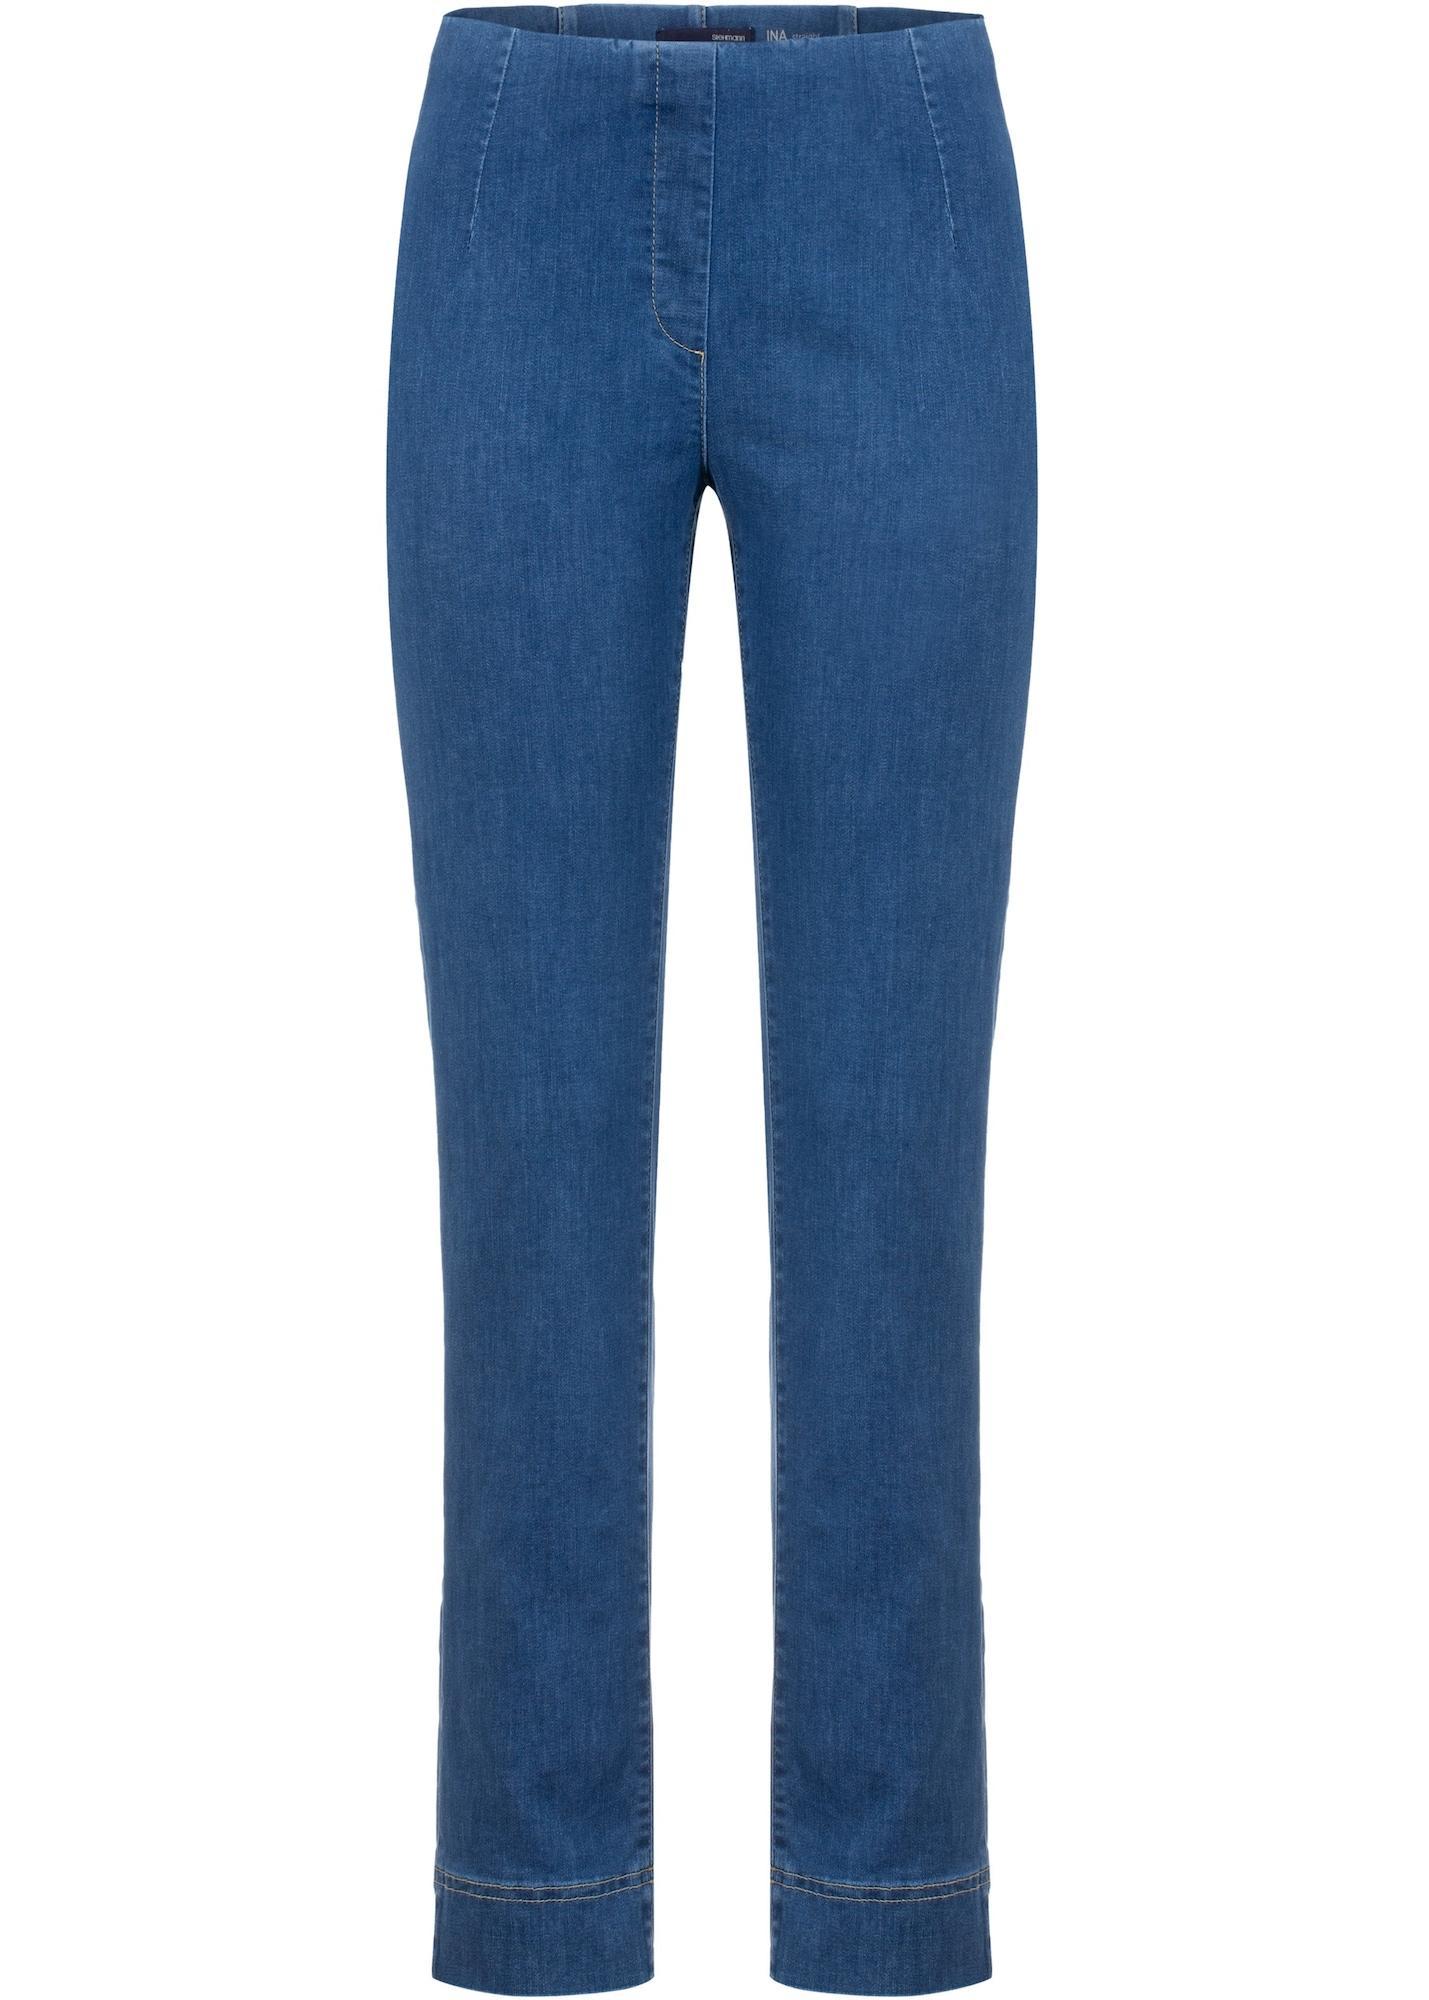 STEHMANN Jeans blau